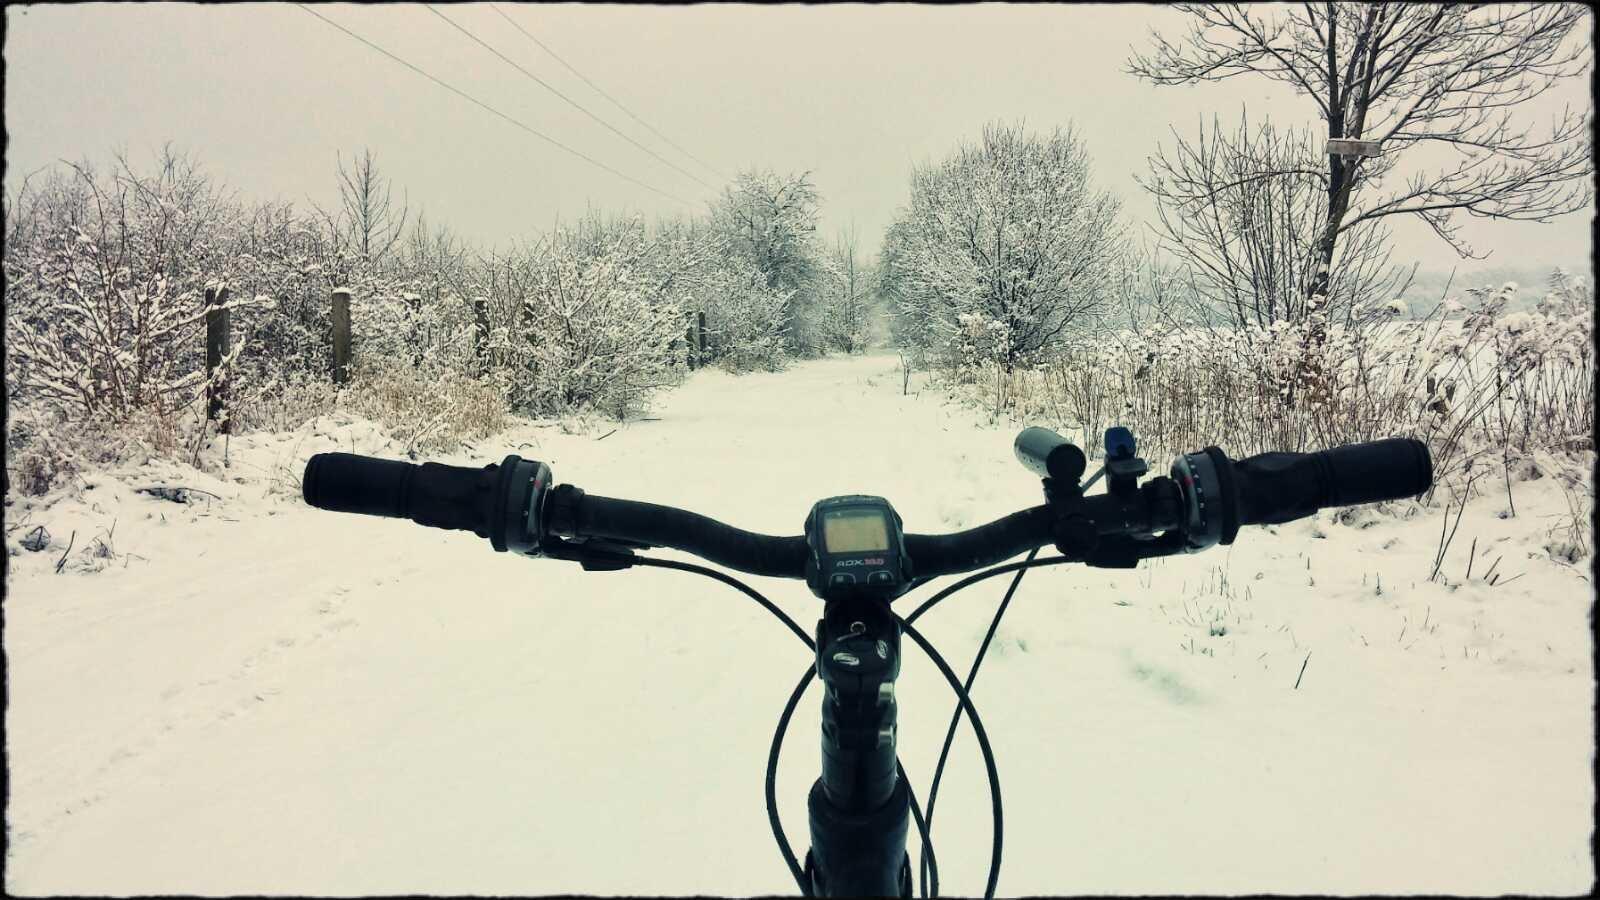 Śnieg na rowerze